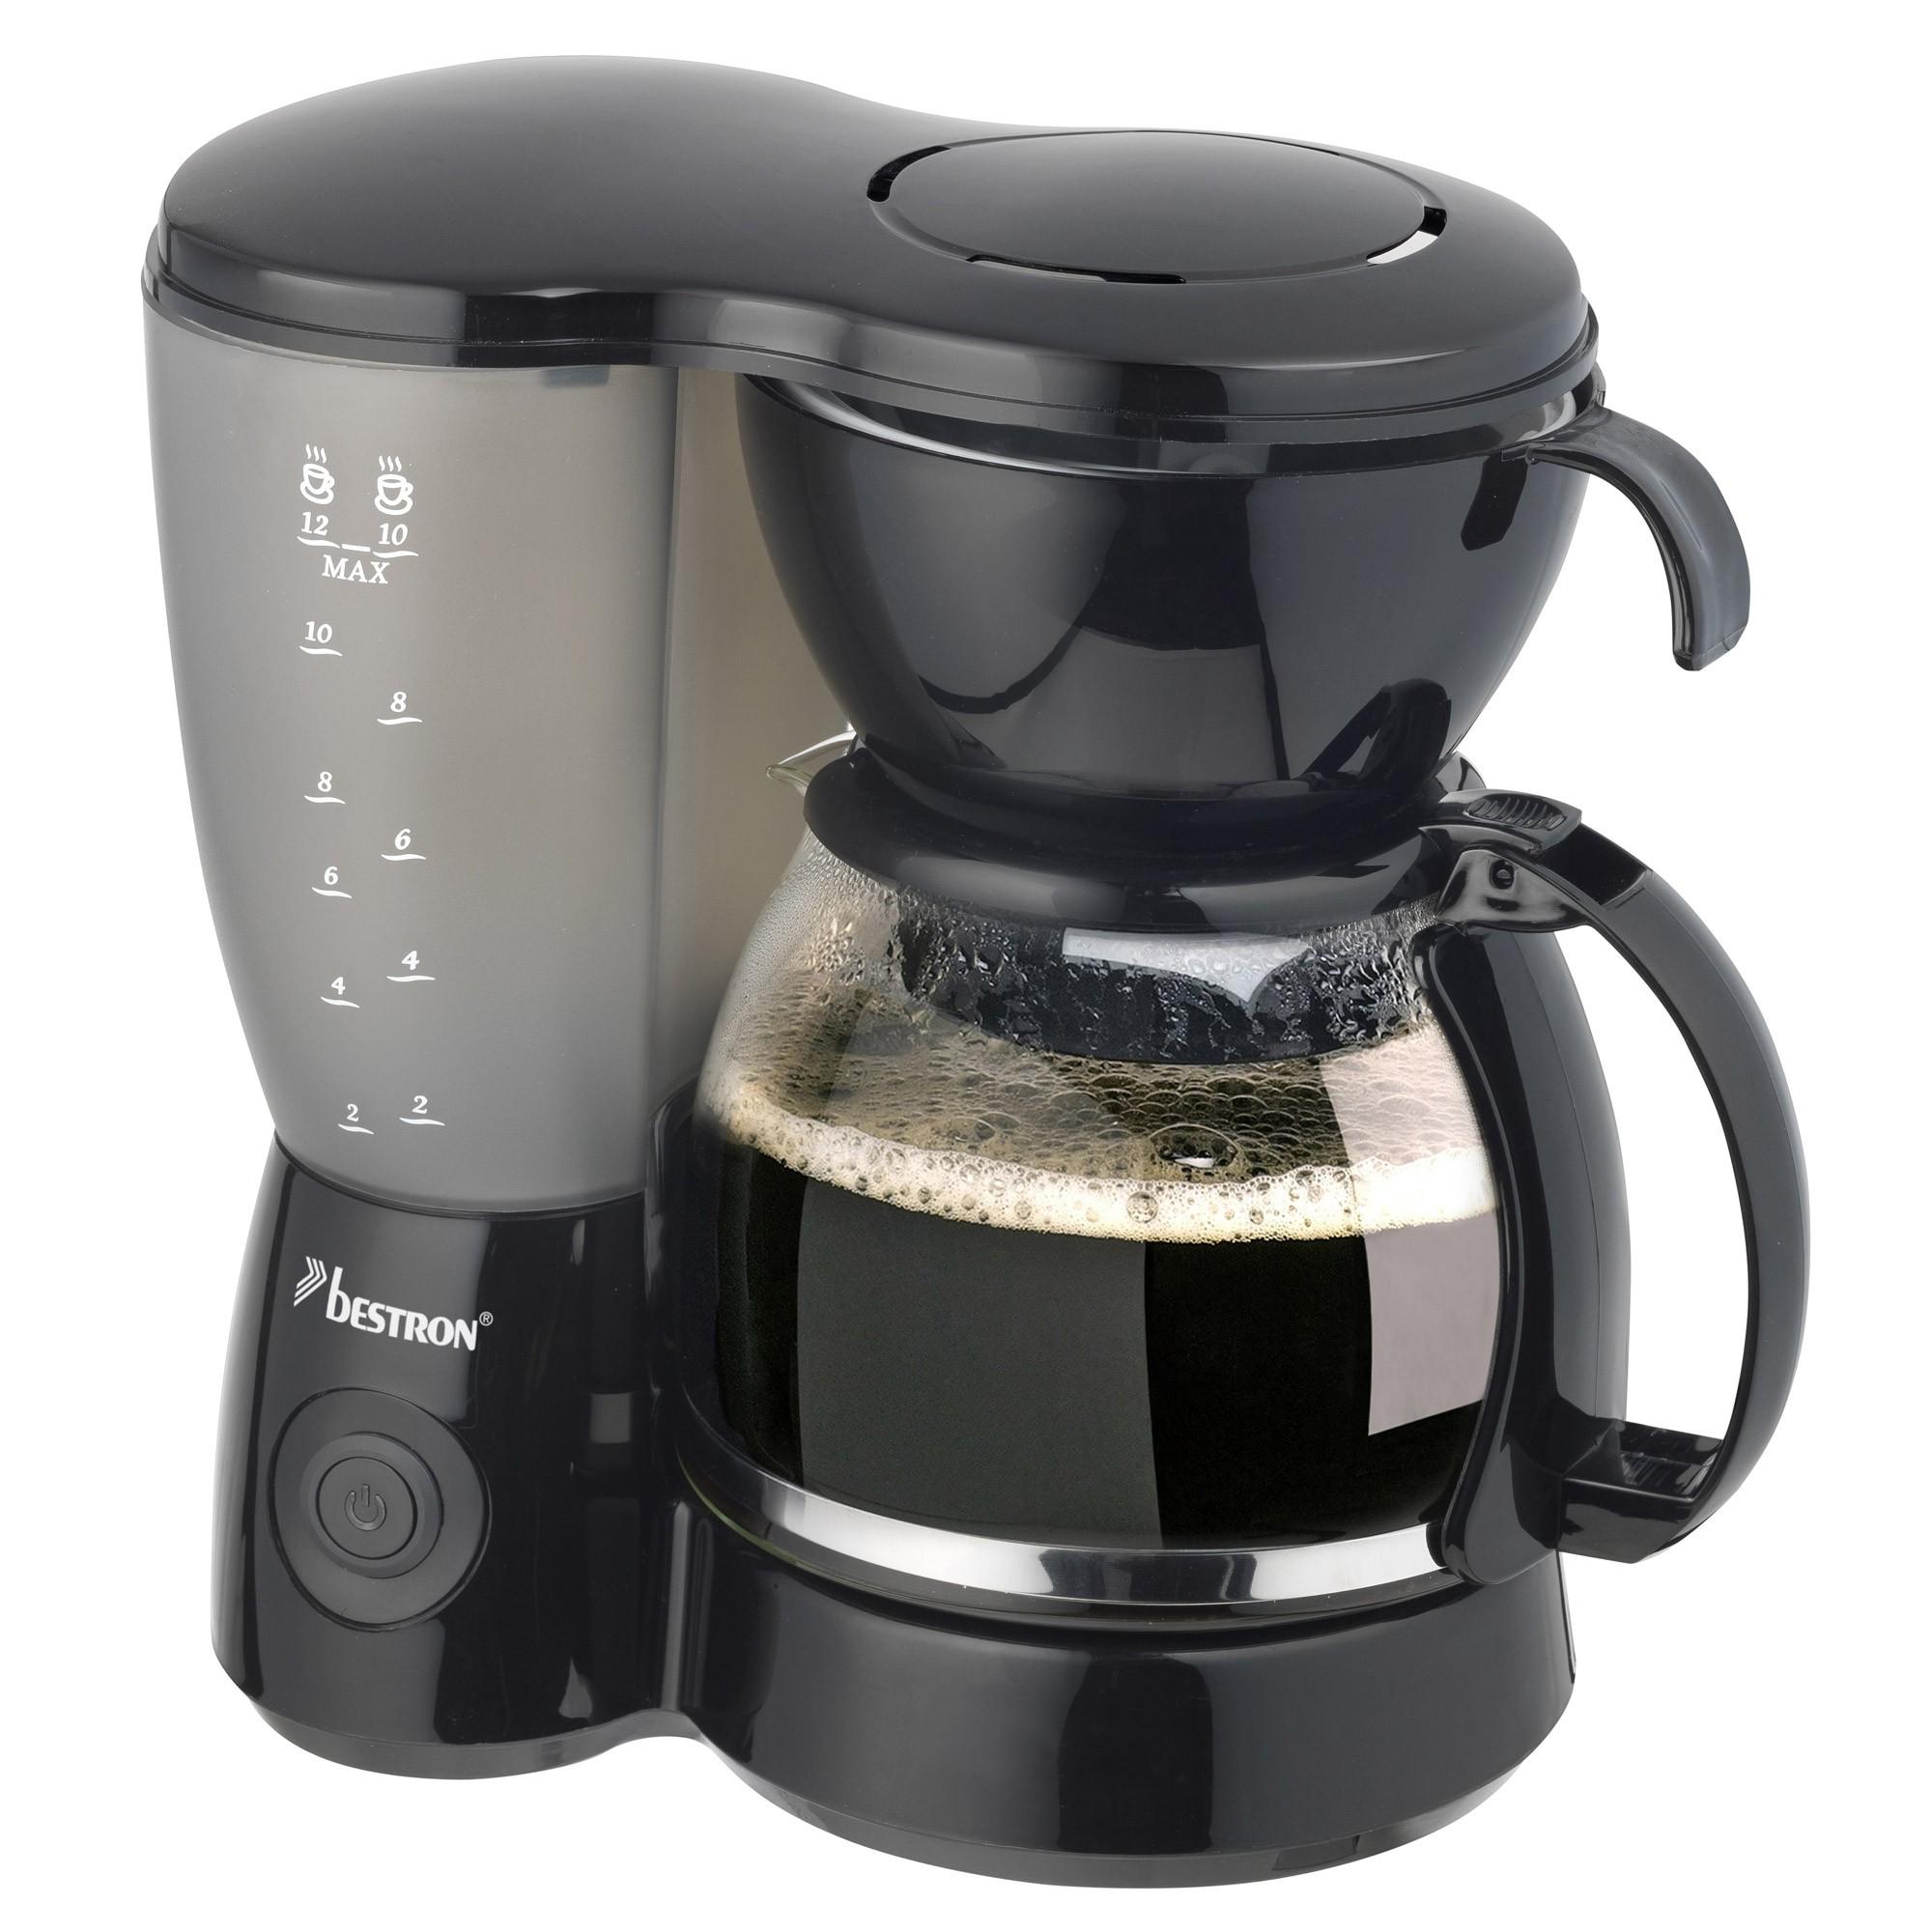 Afbeelding van Bestron ACM6081Z Koffiezetapparaat